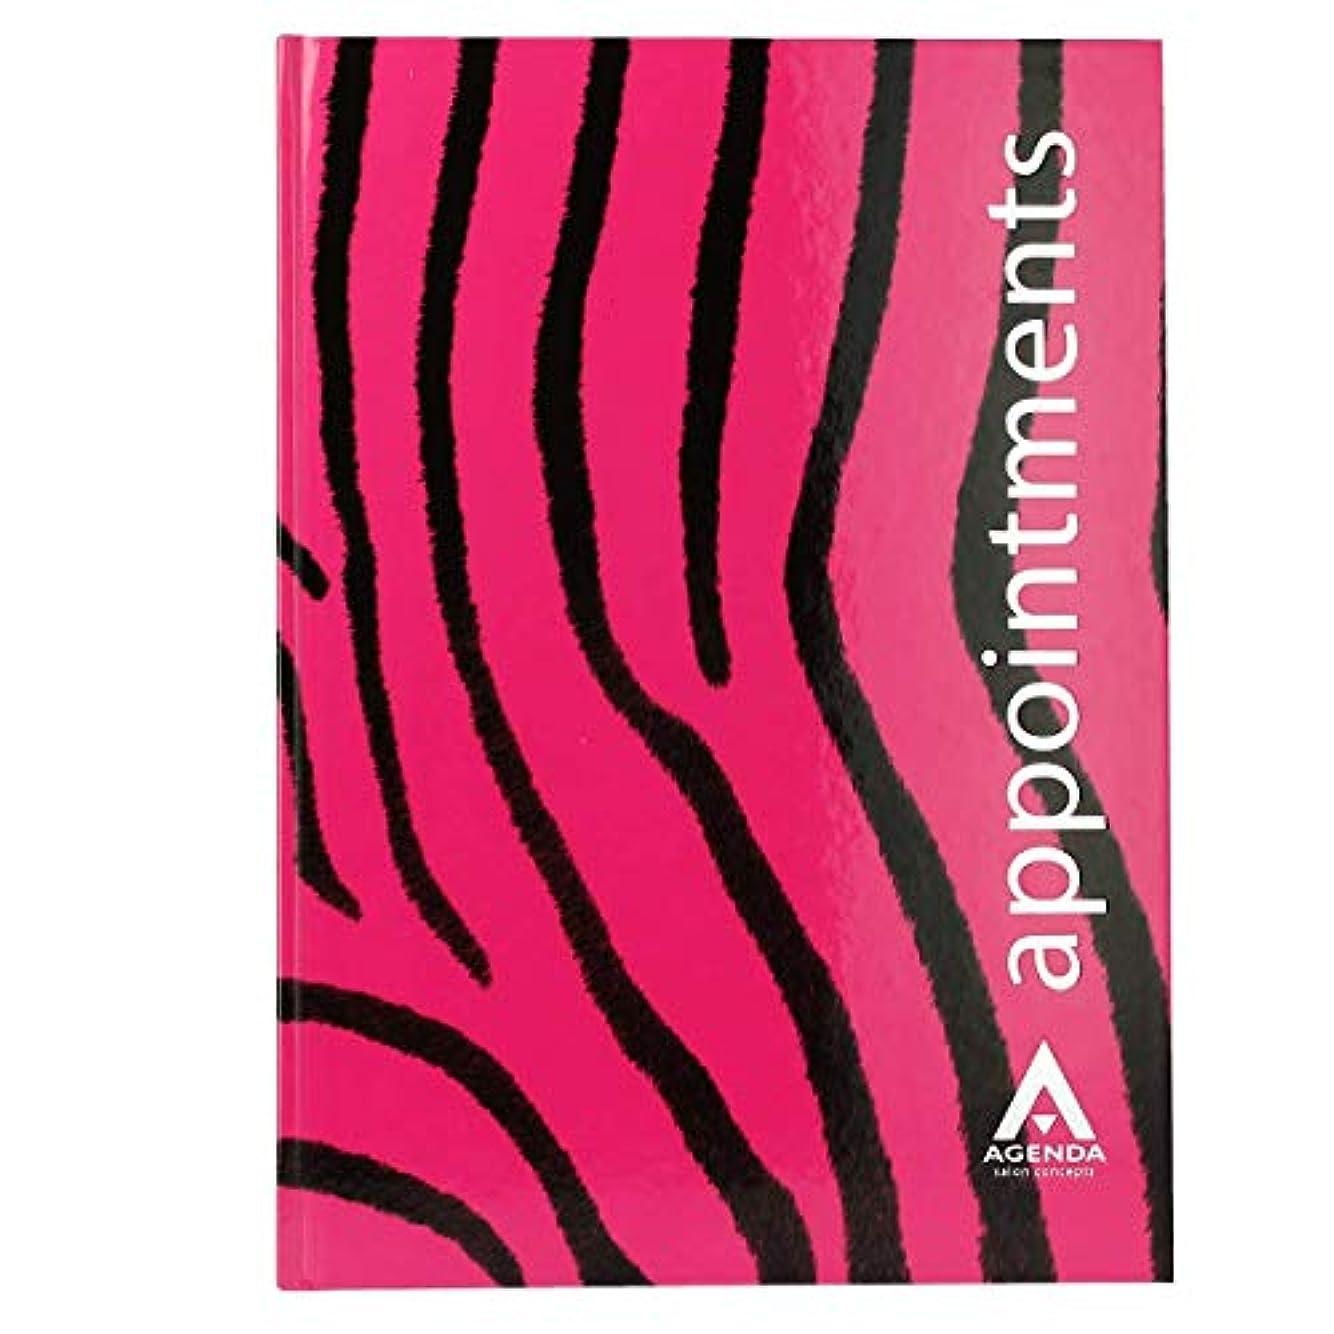 方向腹痛見物人アジェンダ サロンコンセプト 美容アポイントメントブック6アシスタントピンクゼブラ[海外直送品] [並行輸入品]